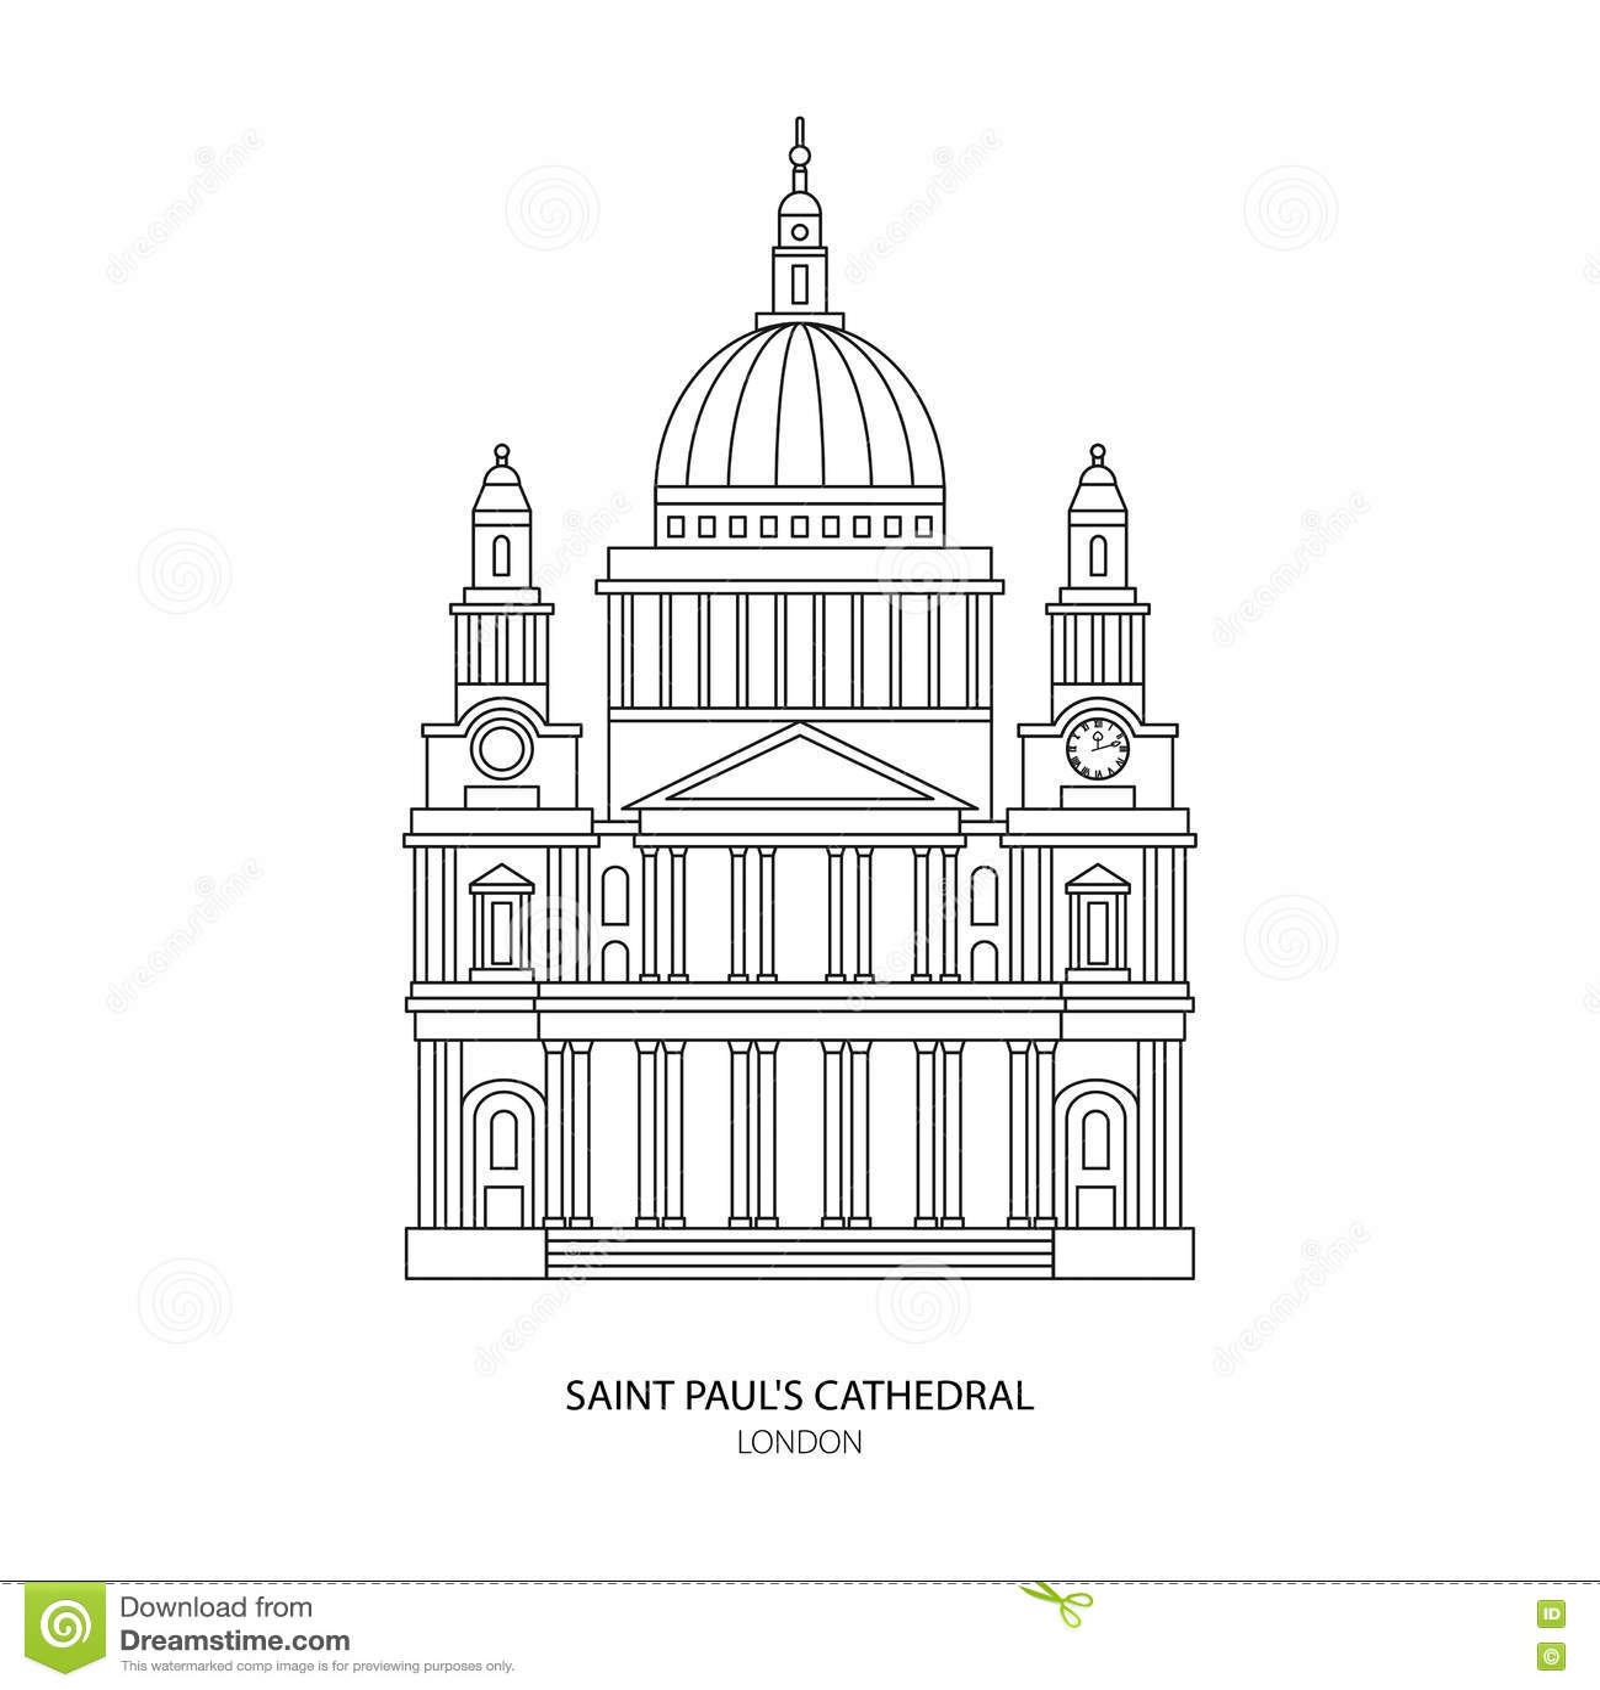 La Cathédrale De St Paul, Illustration De Vecteur De Point